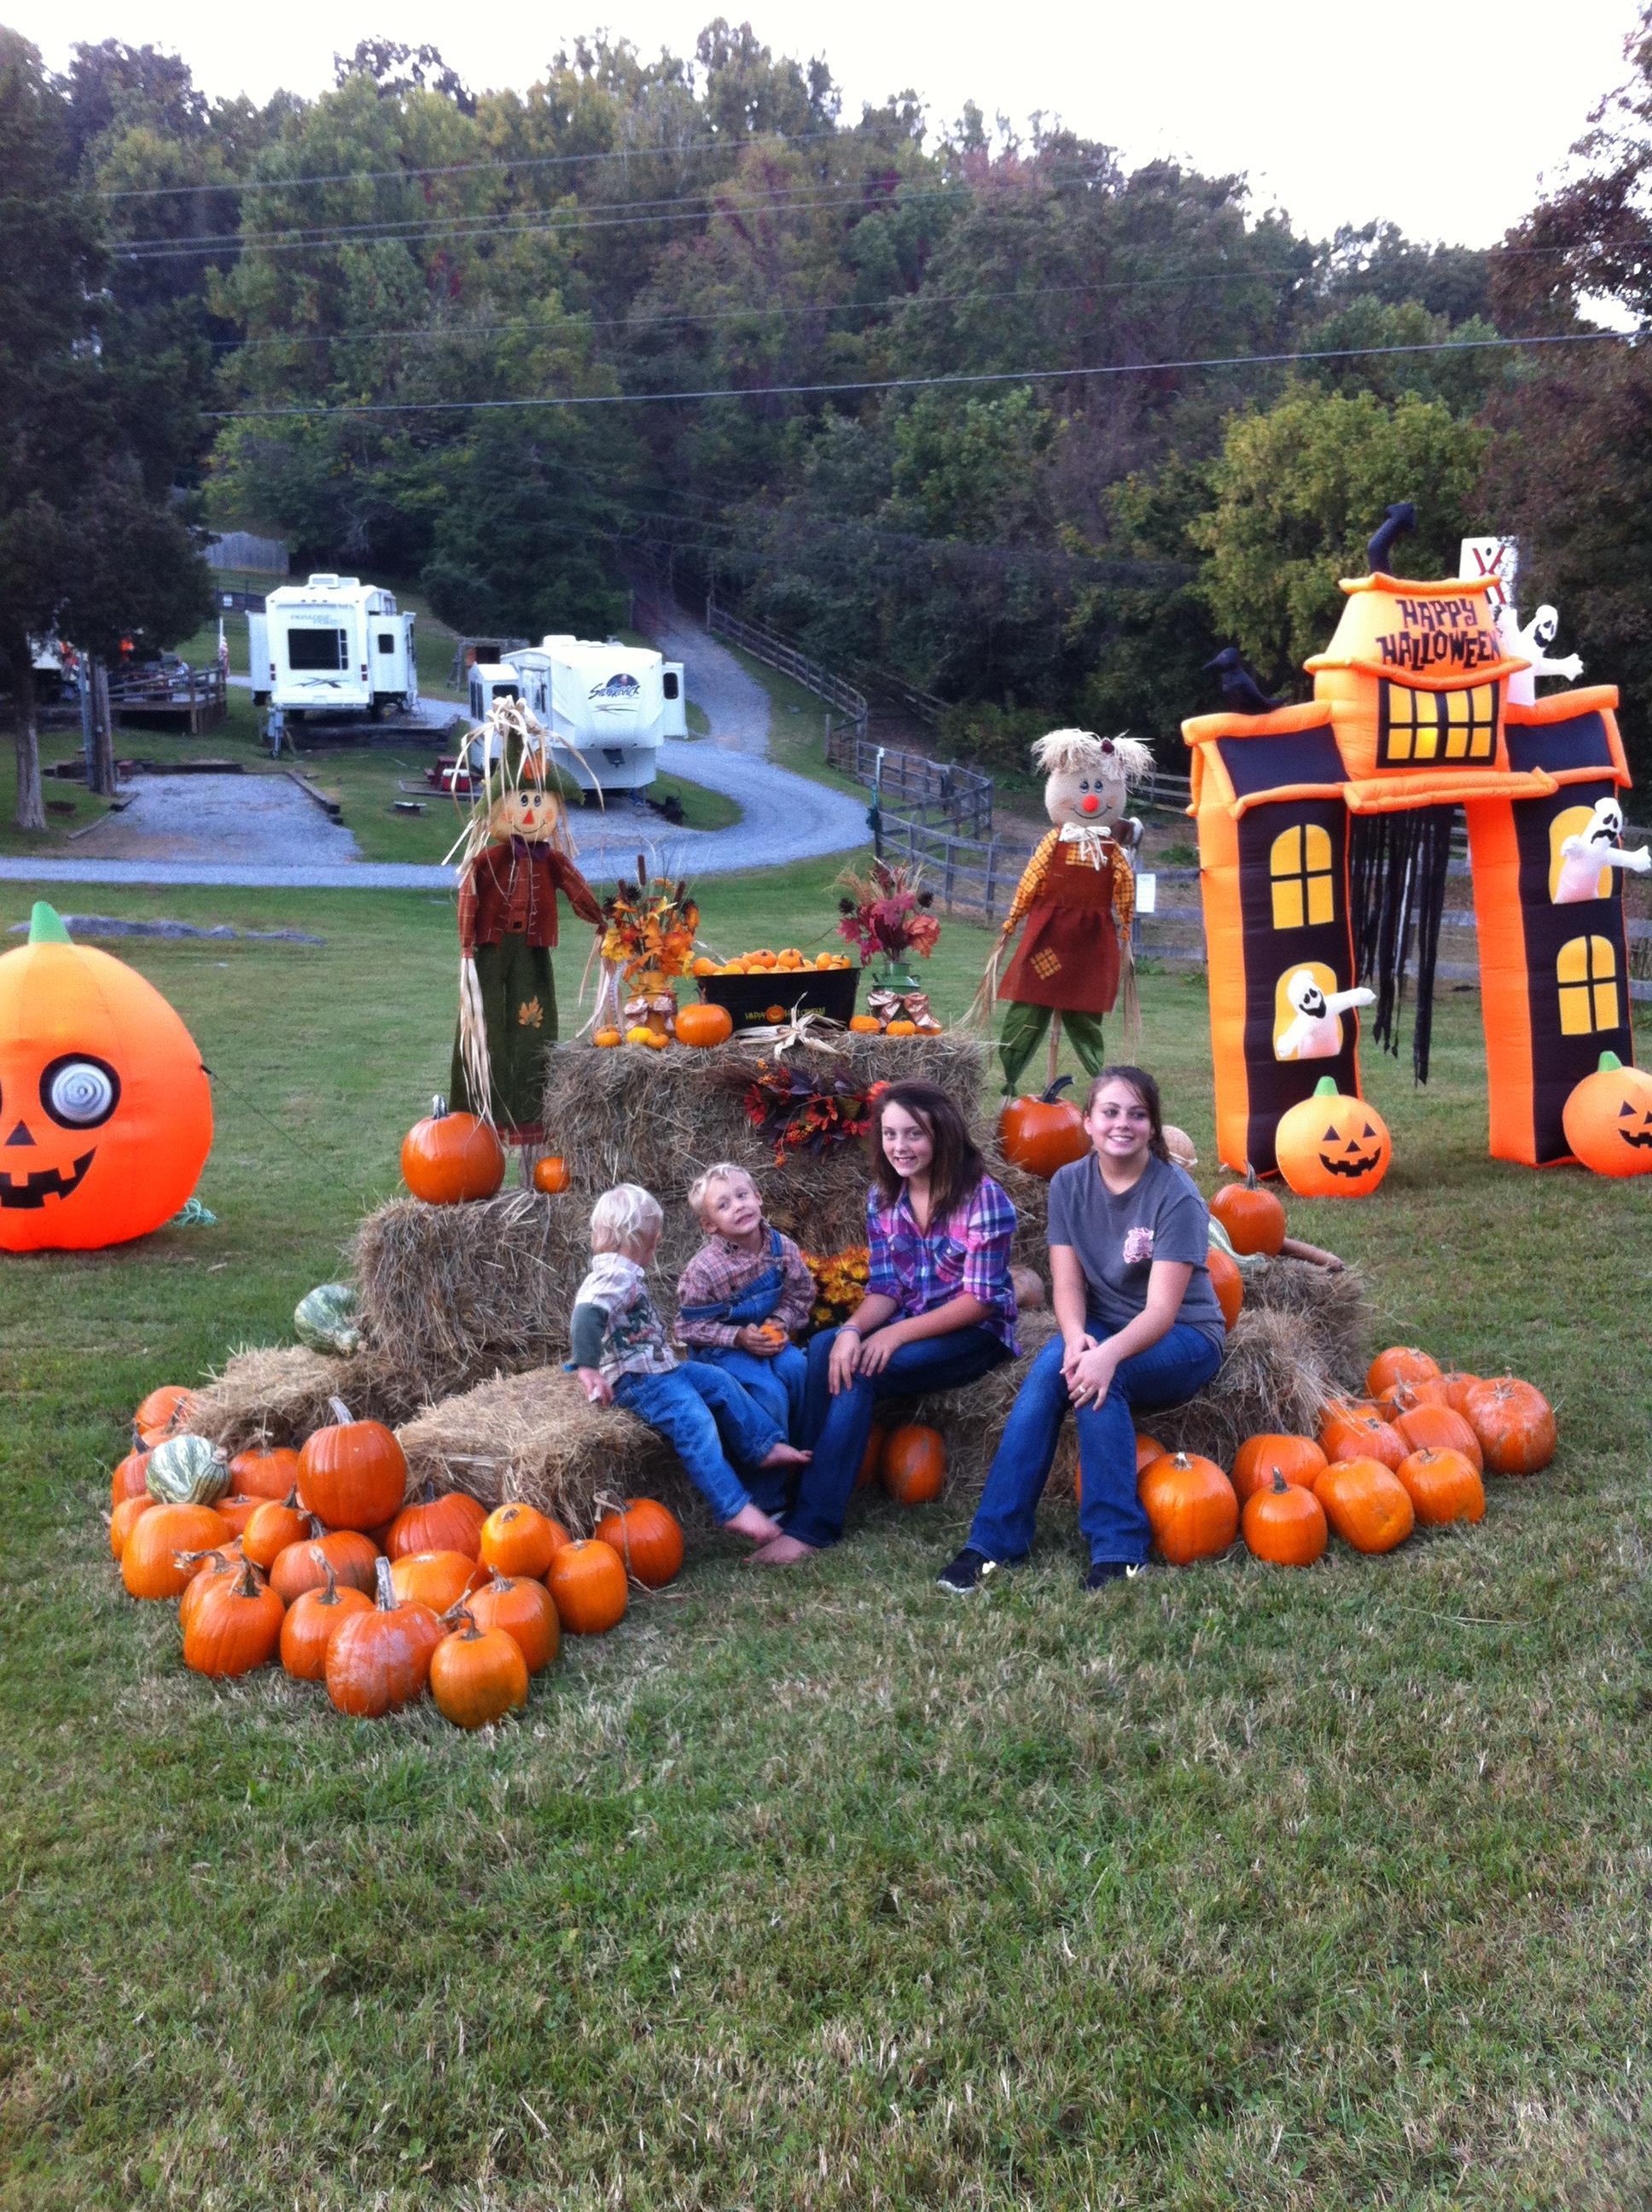 Bristol / Kingsport KOA Holiday in Blountville, TN, photo #47